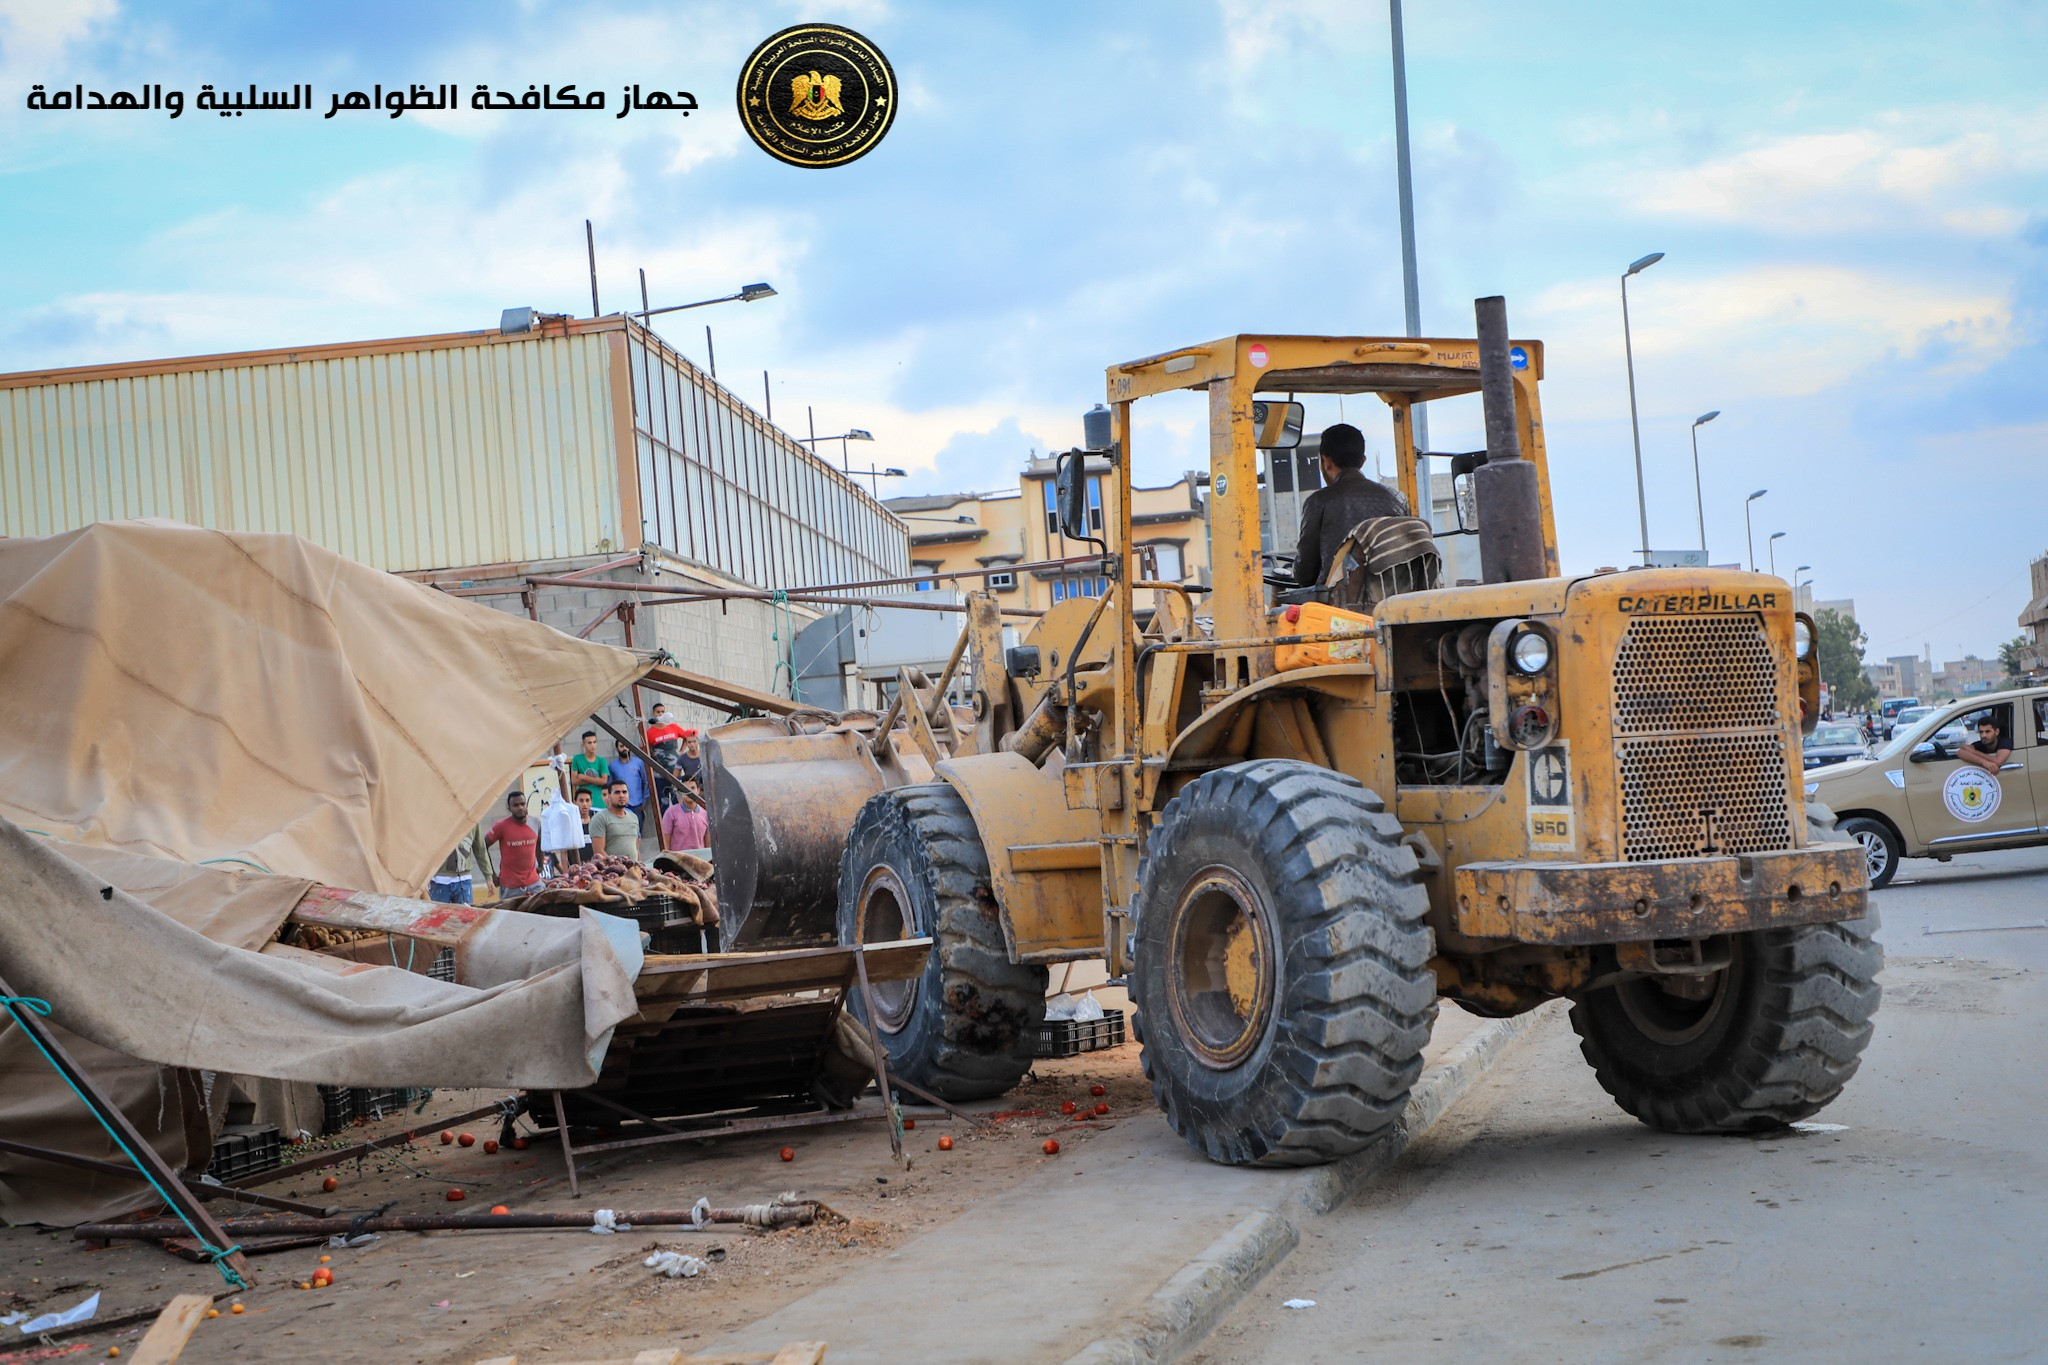 استمرار تنفيذ إزالة عشوائيات بنغازي